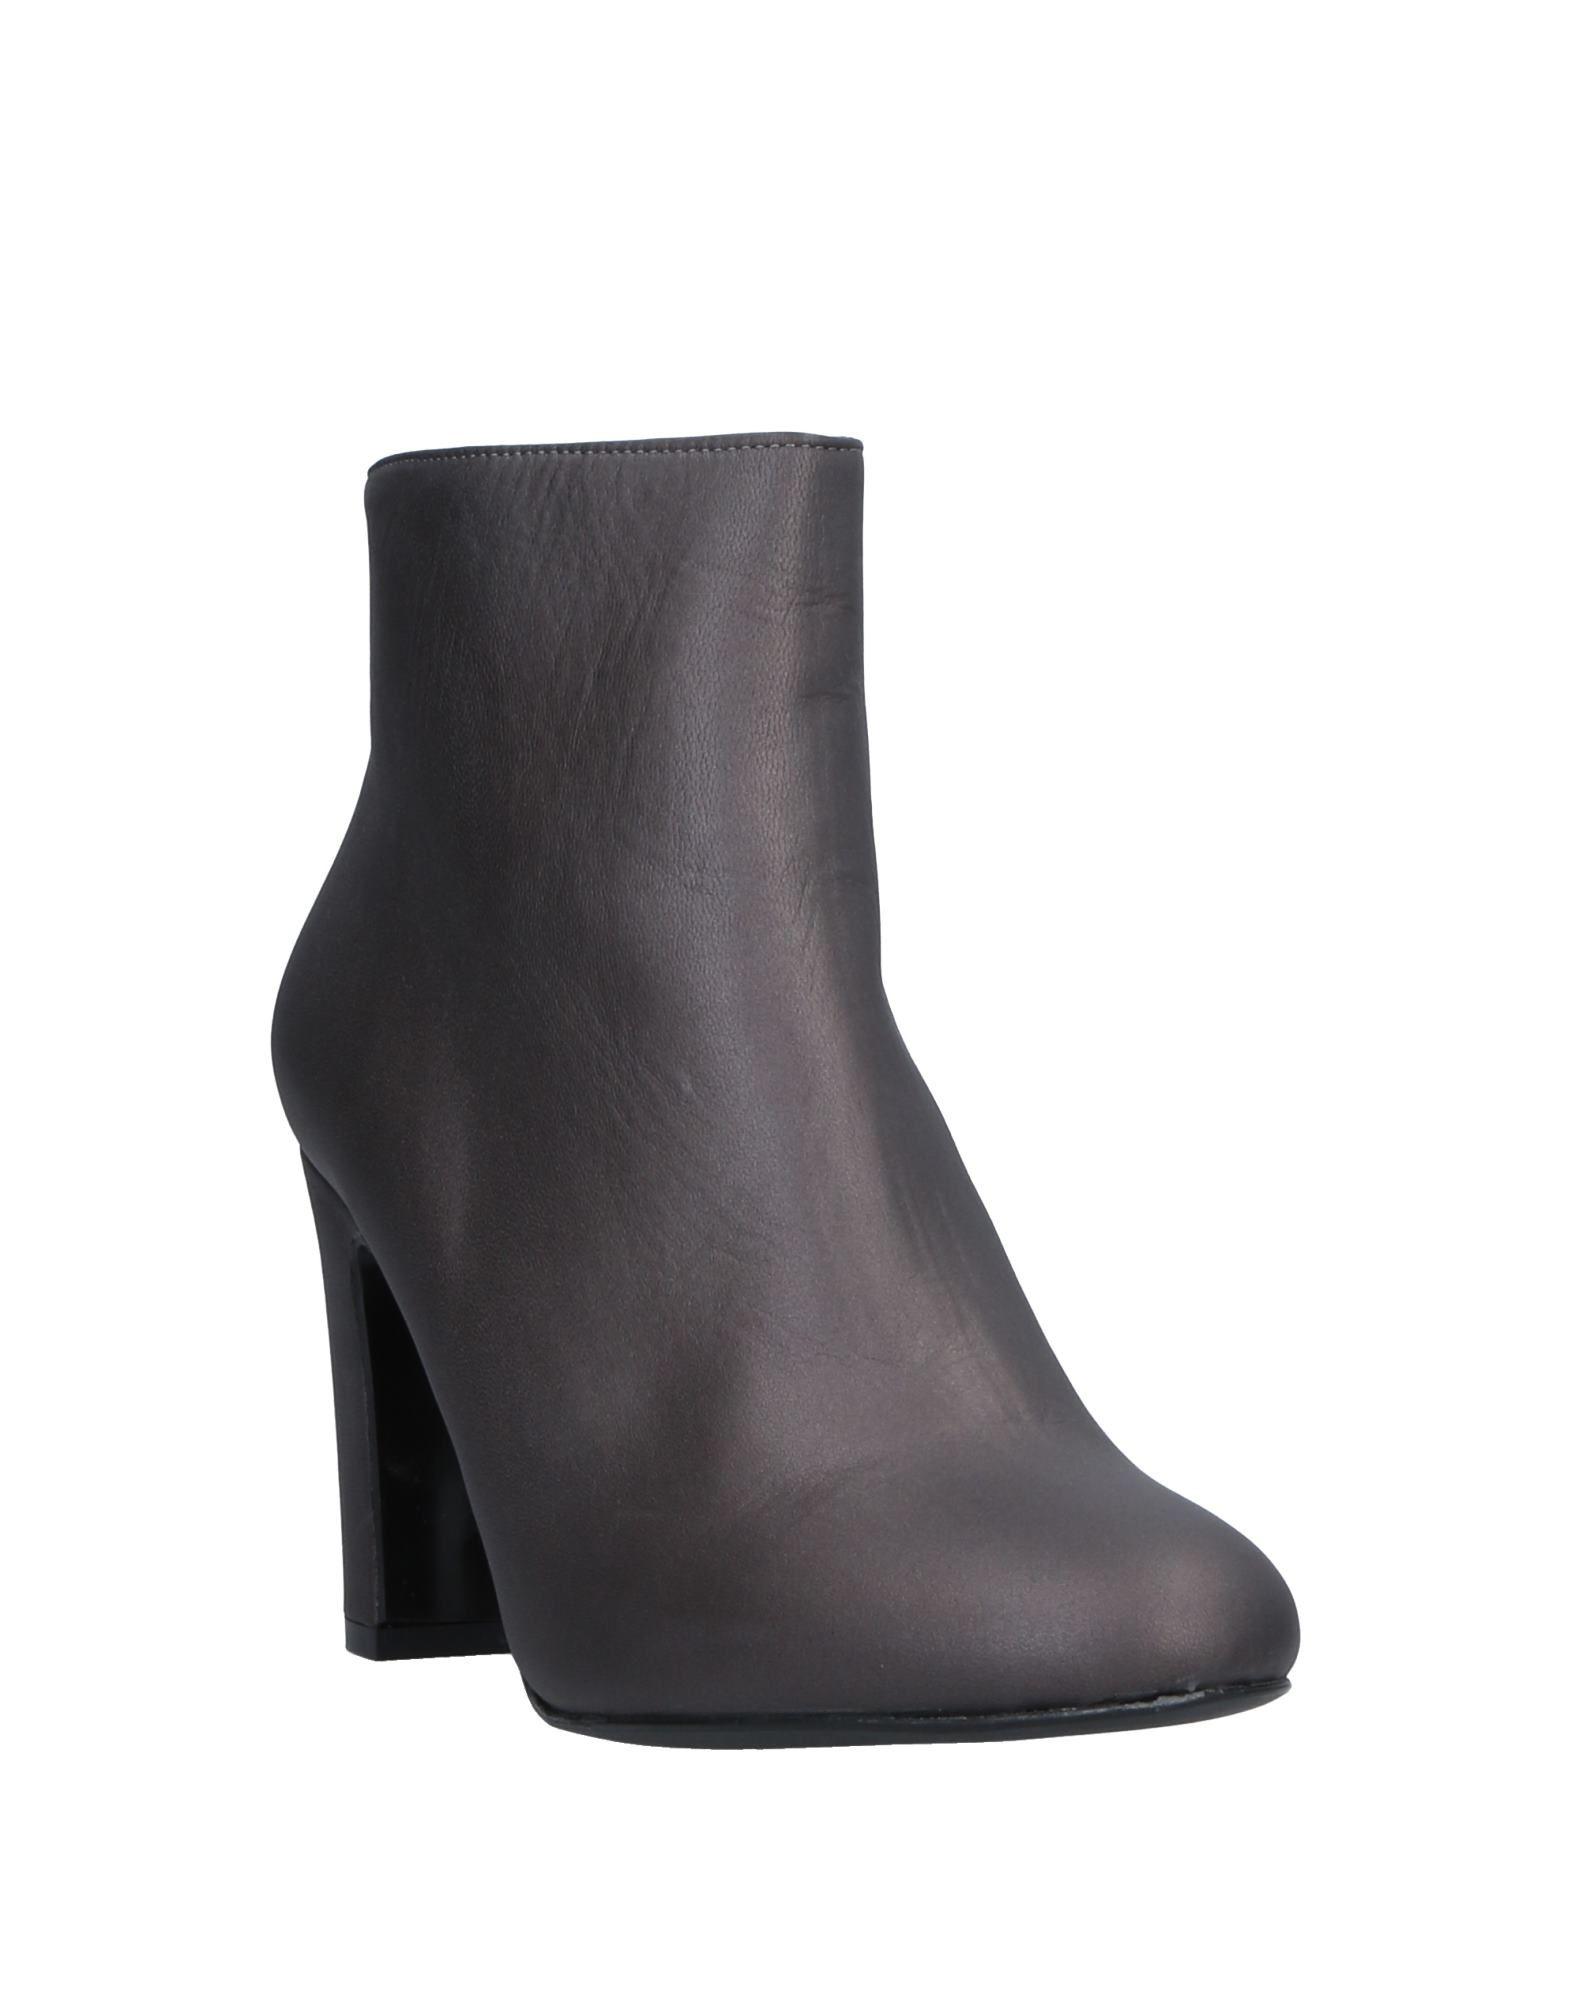 Me+ Ellis By Marc Ellis Me+ Stiefelette Damen  11537416JK Gute Qualität beliebte Schuhe d9405d